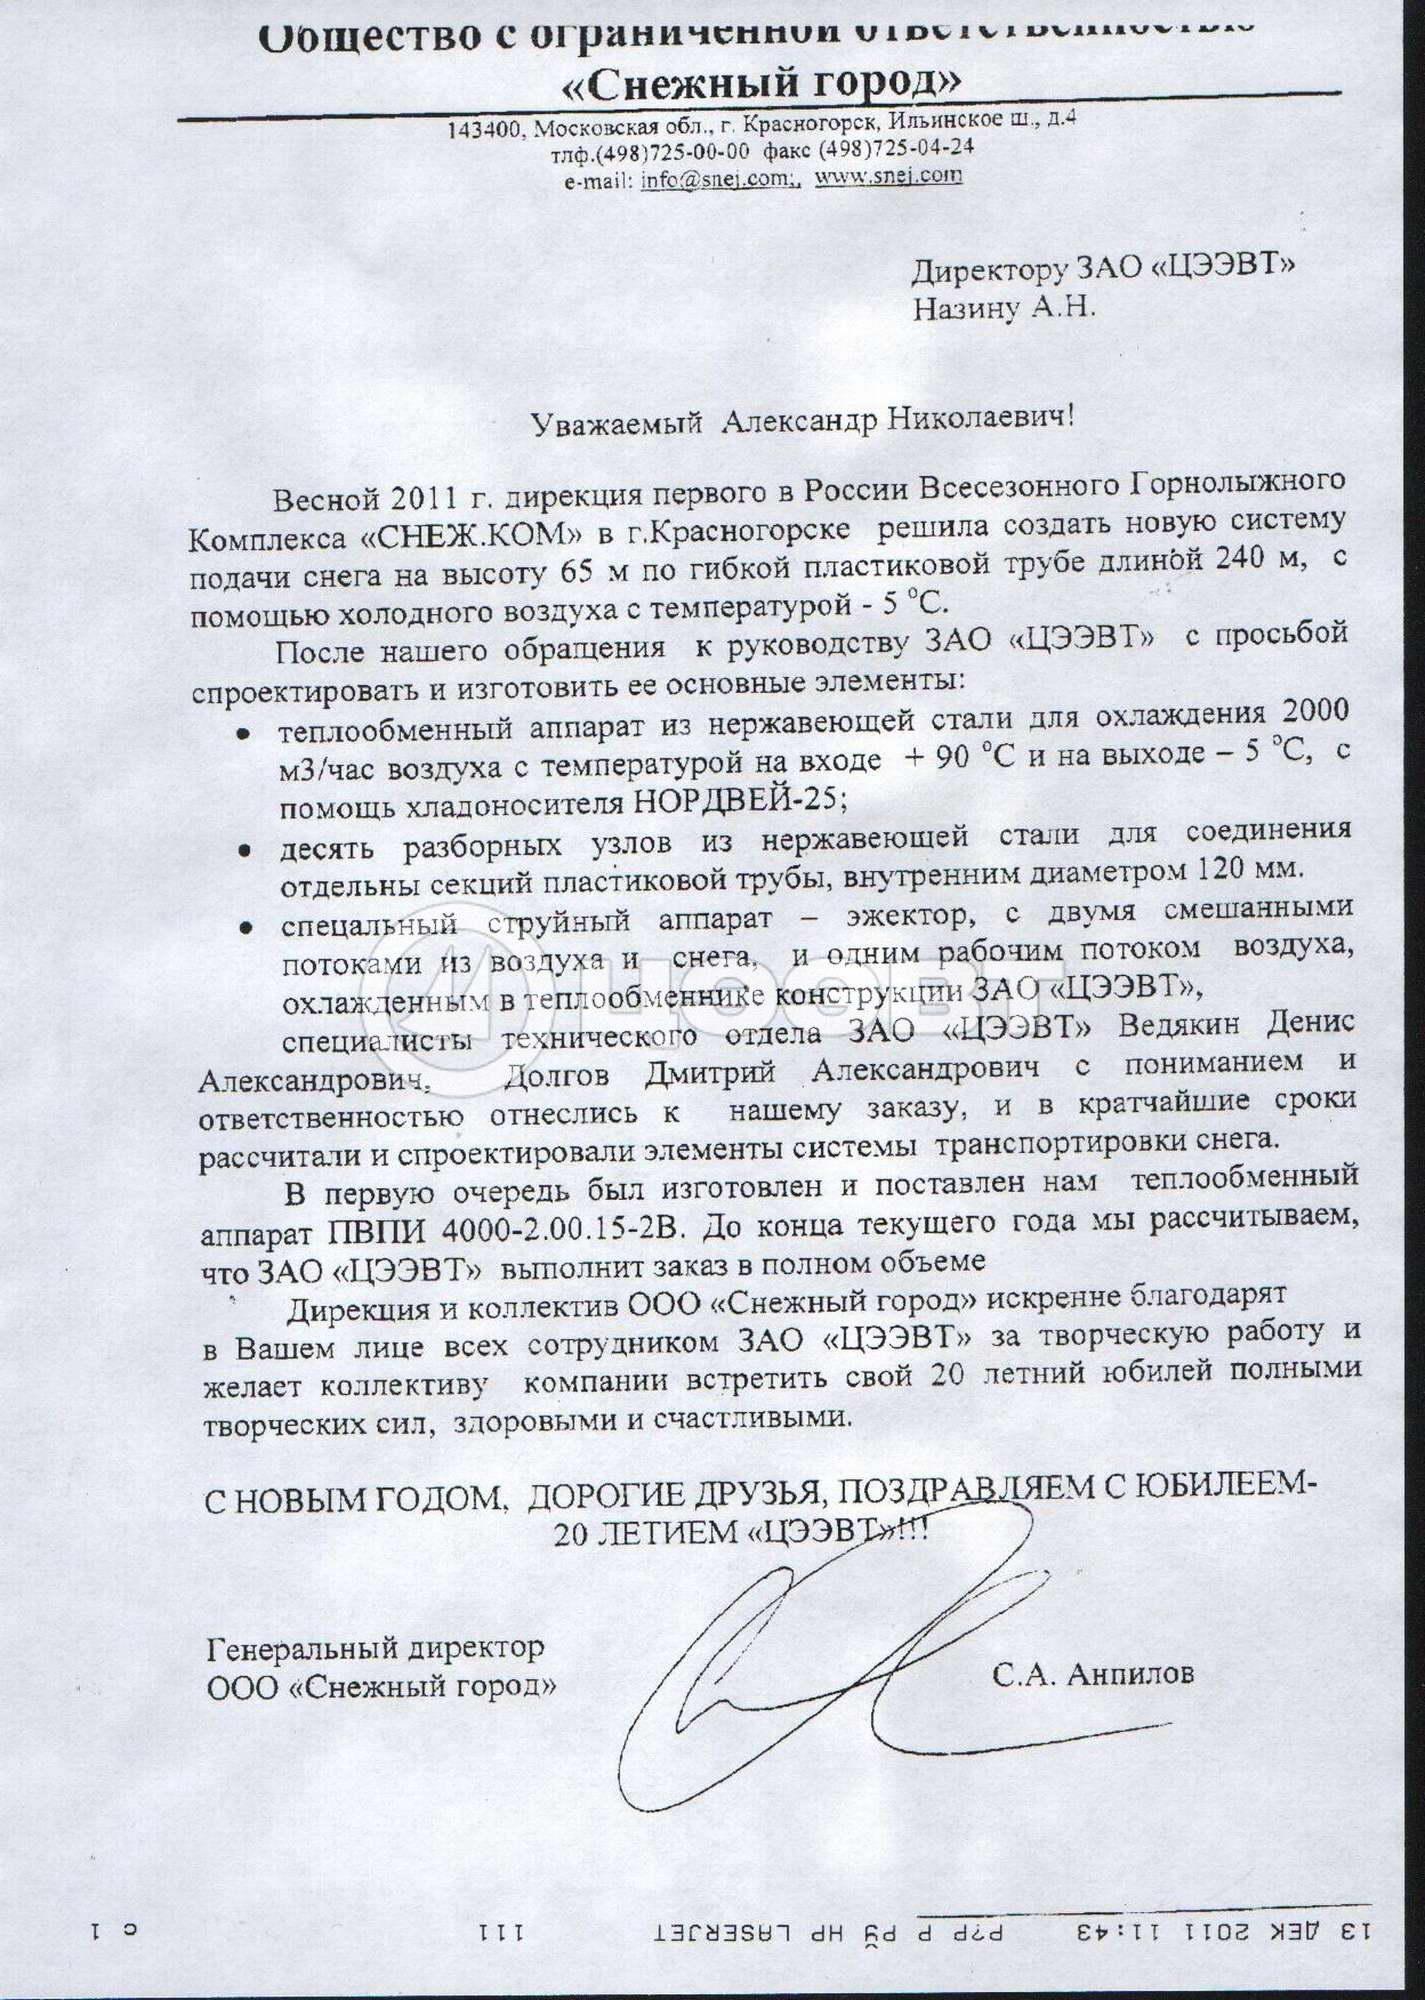 ООО «Снежный город», Москва